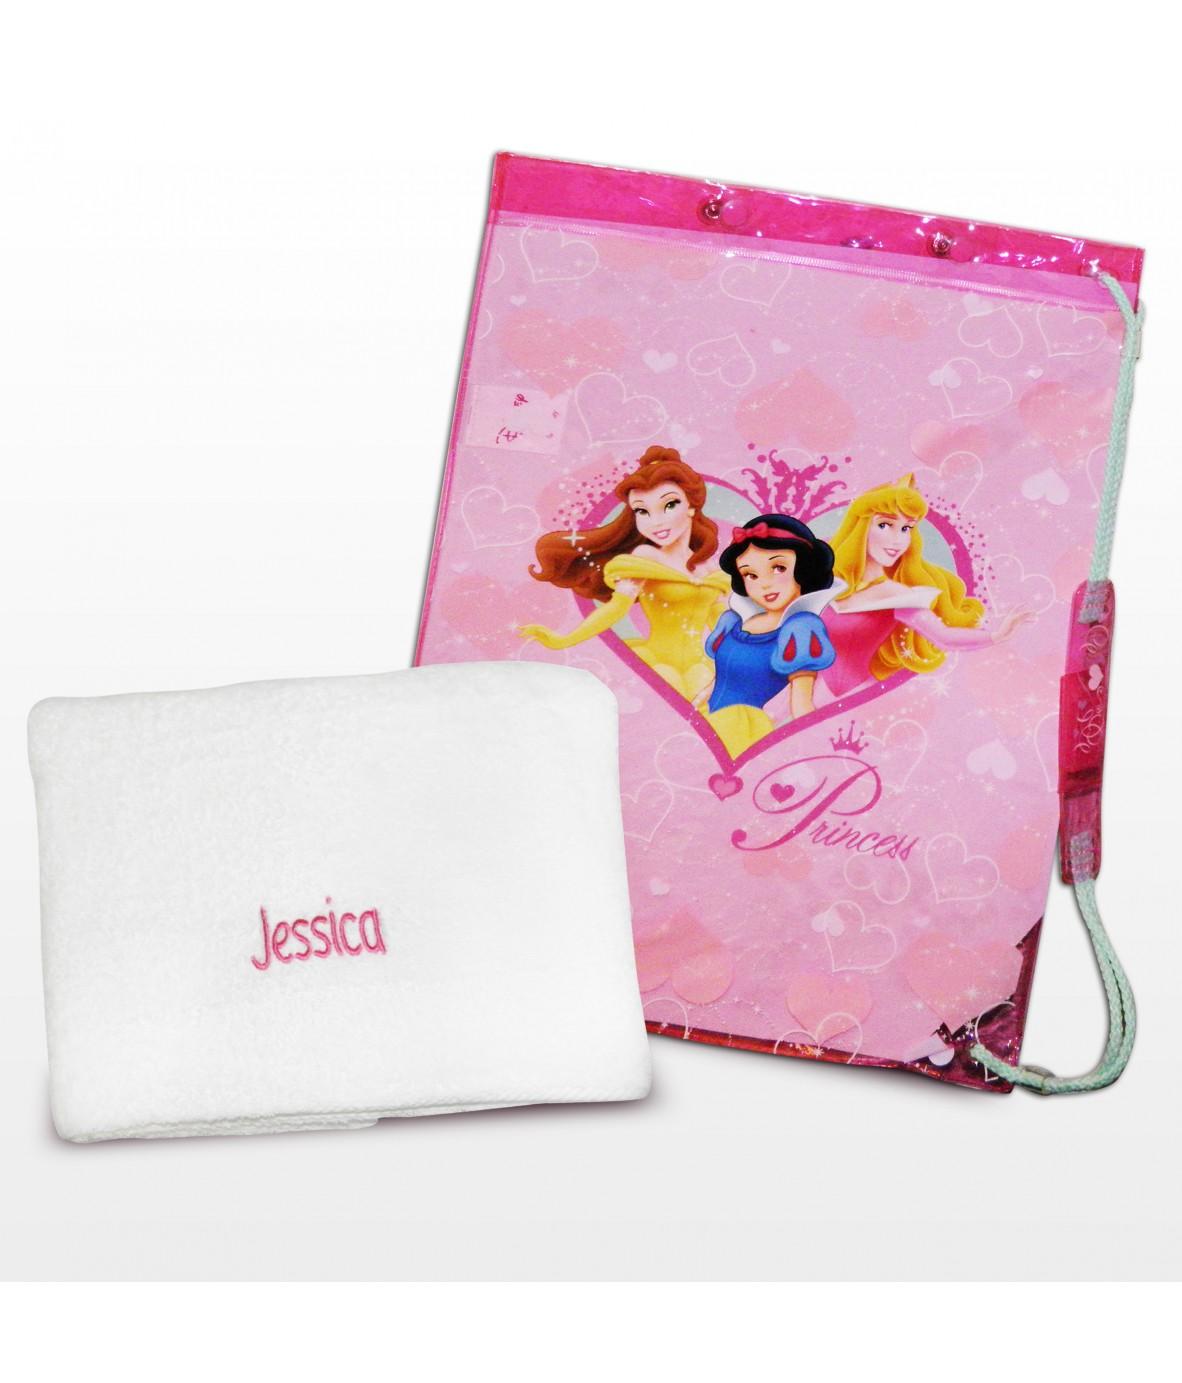 Princess Swim Bag And Personalised Towel